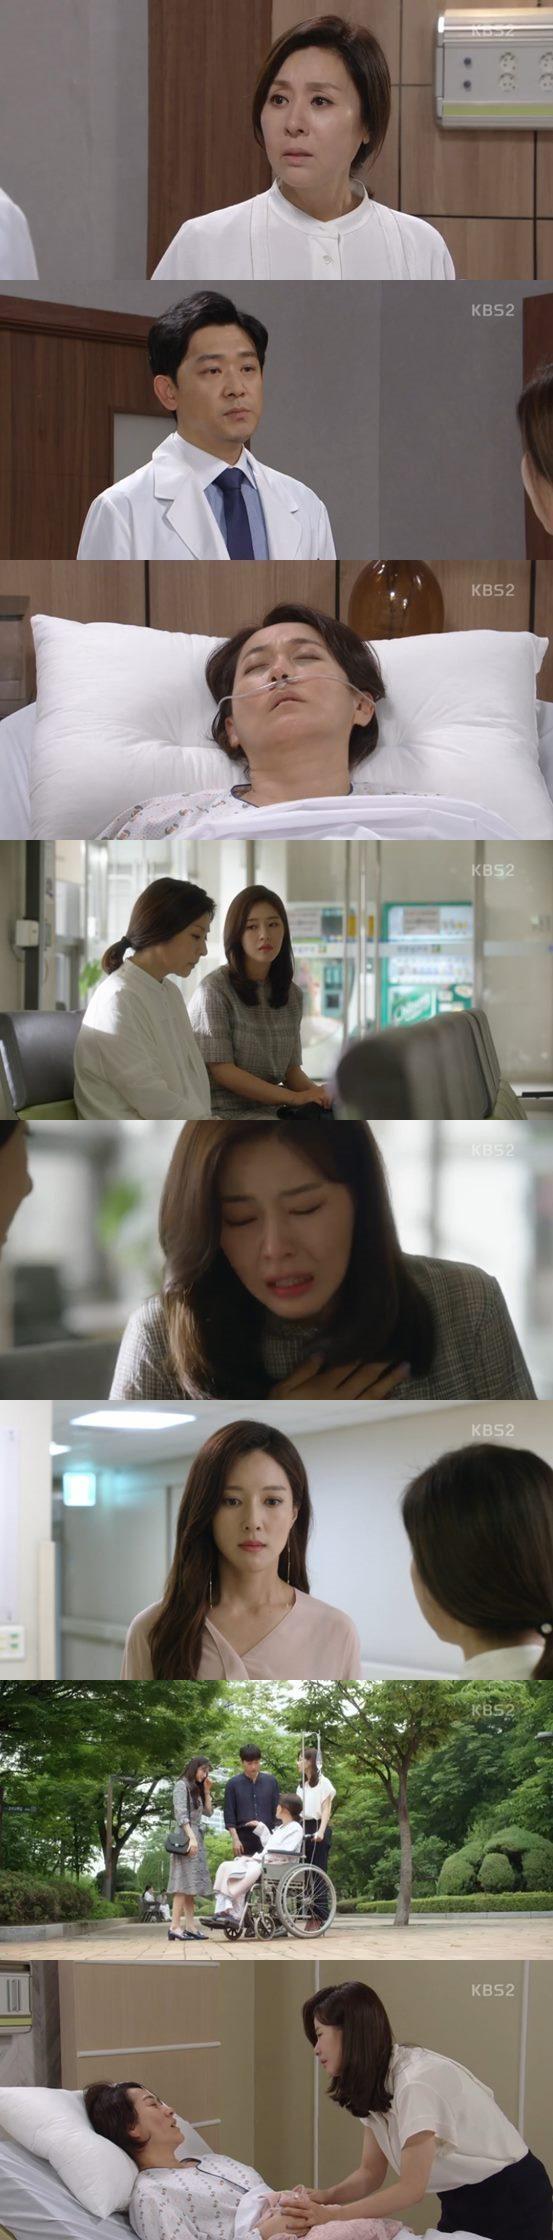 '인형의 집' 박현숙 사망, 박하나·최명길 '동반 오열'